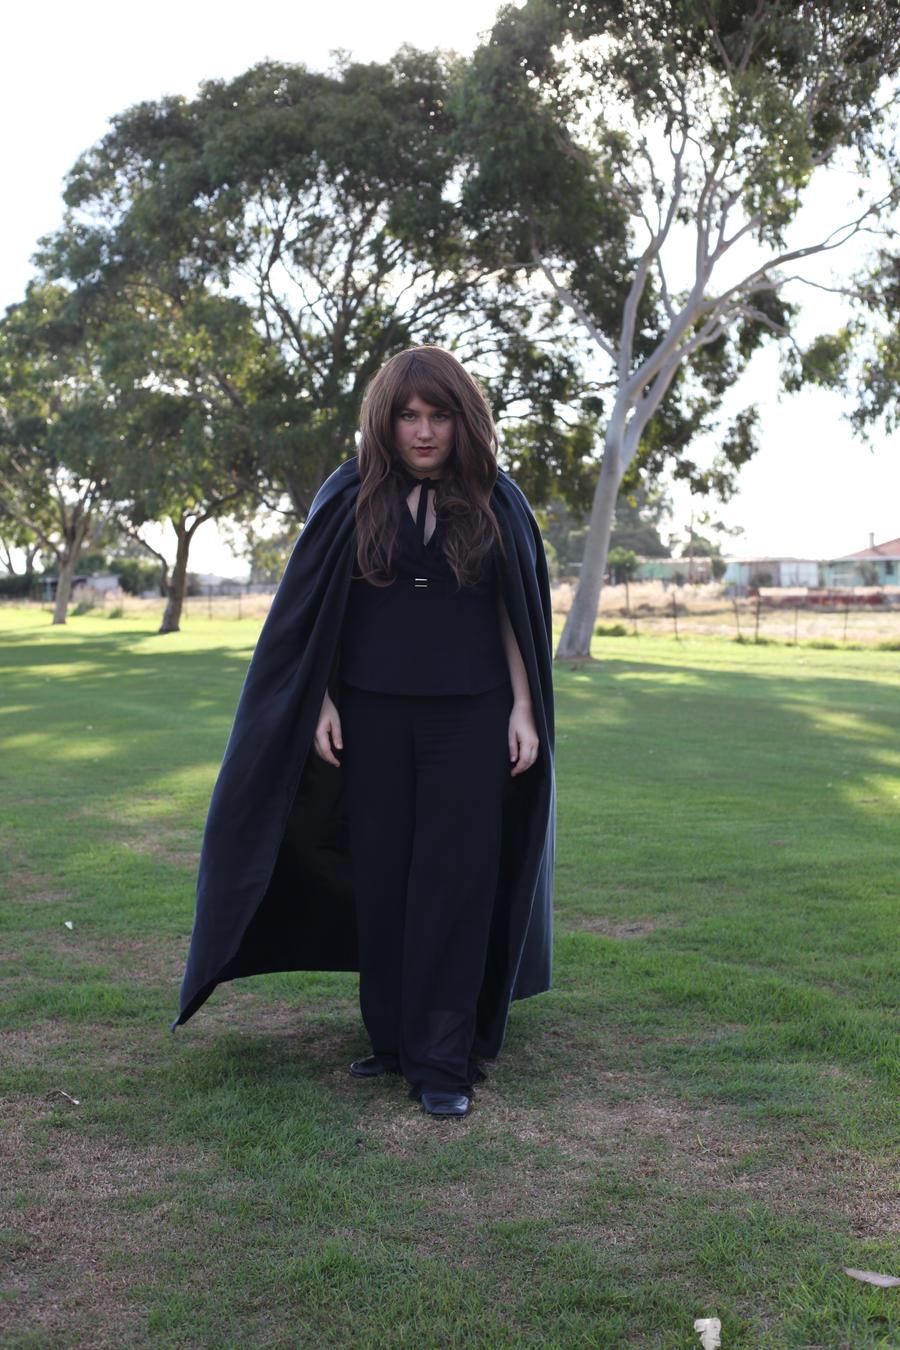 Black Cloak 3 by kirilee